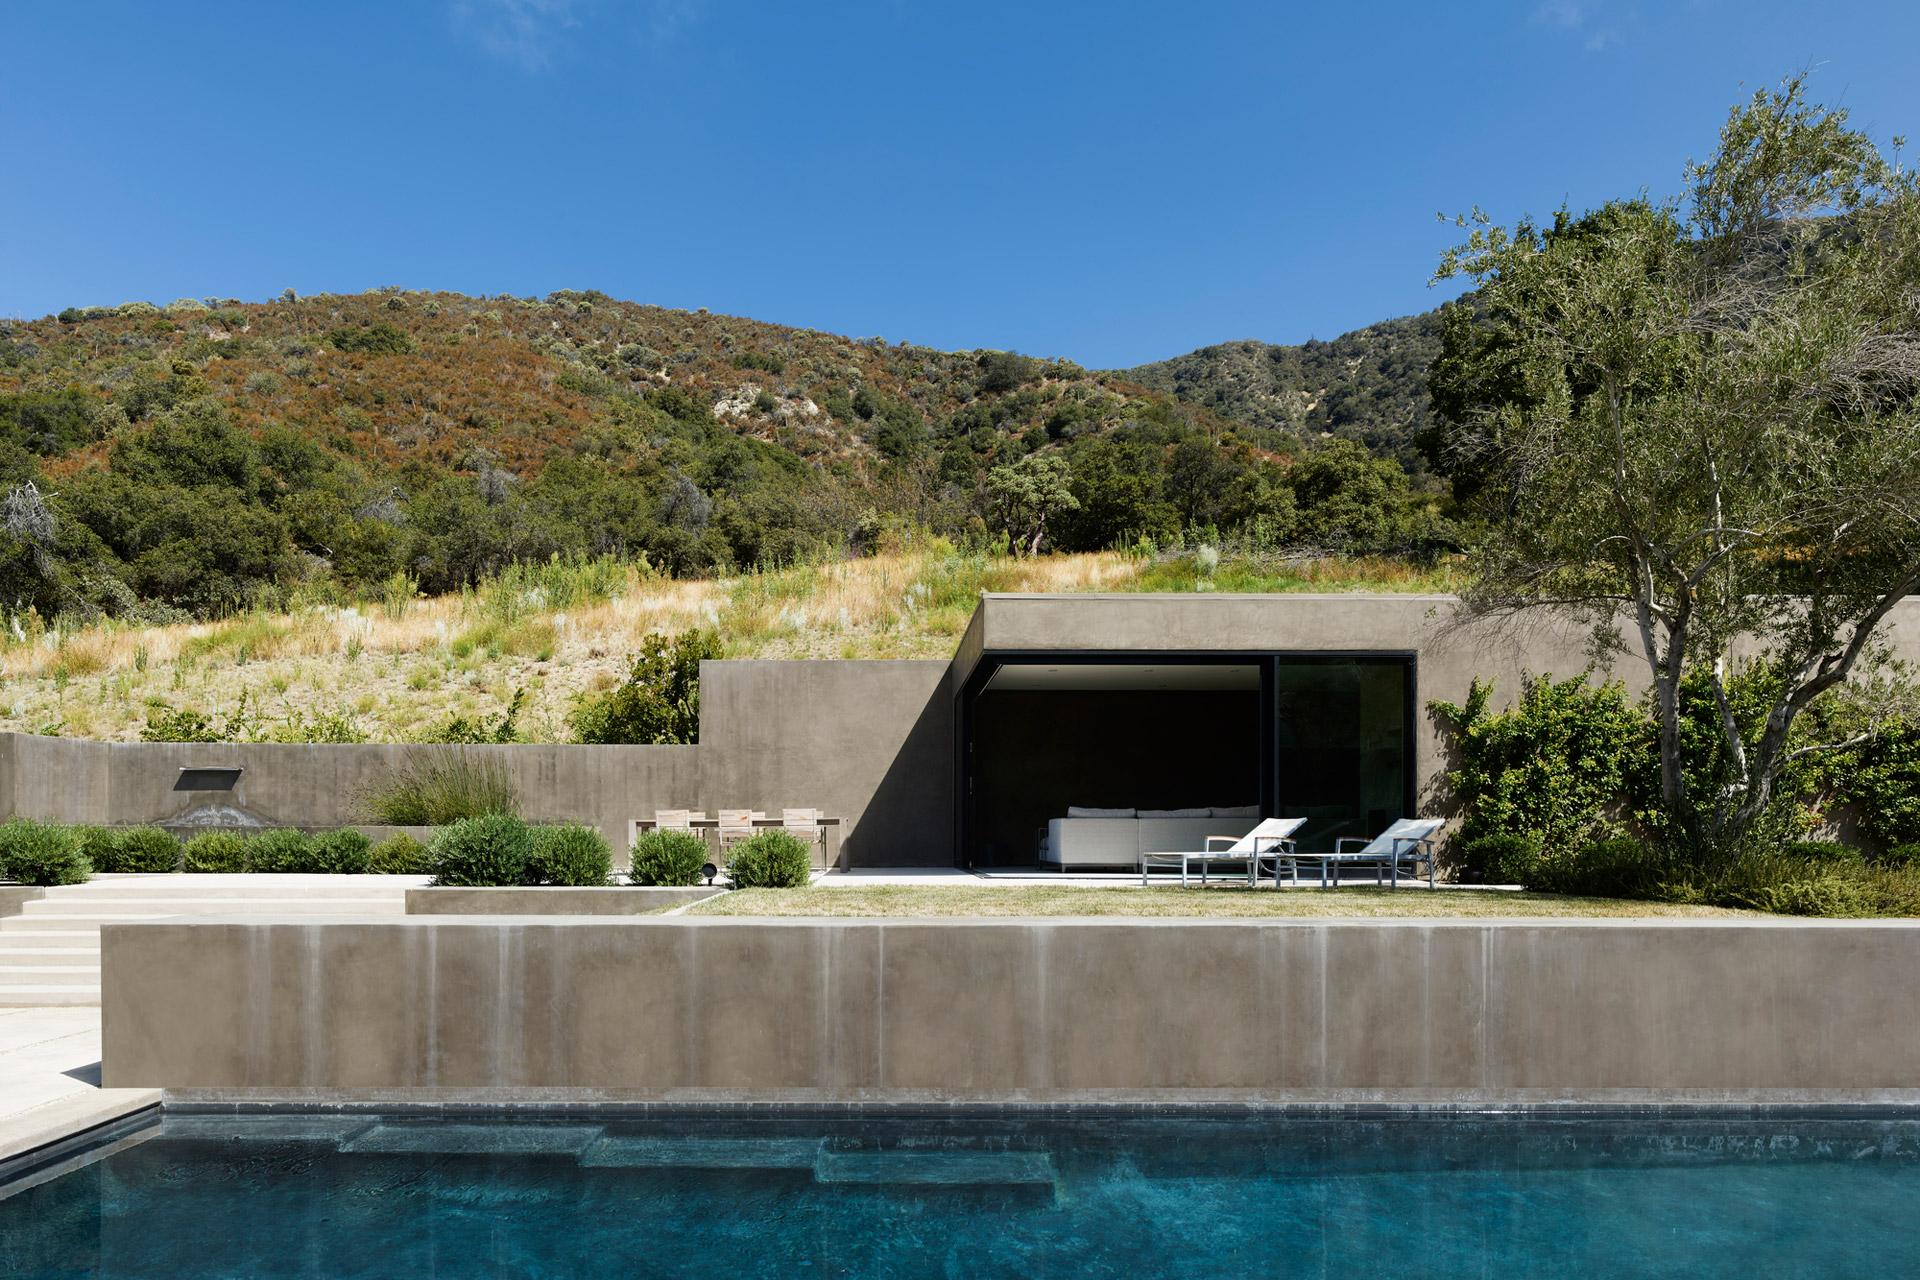 Leben im San Bernadino Nationalforst in Kalifornien: Das Wild Lilac Anwesen 8